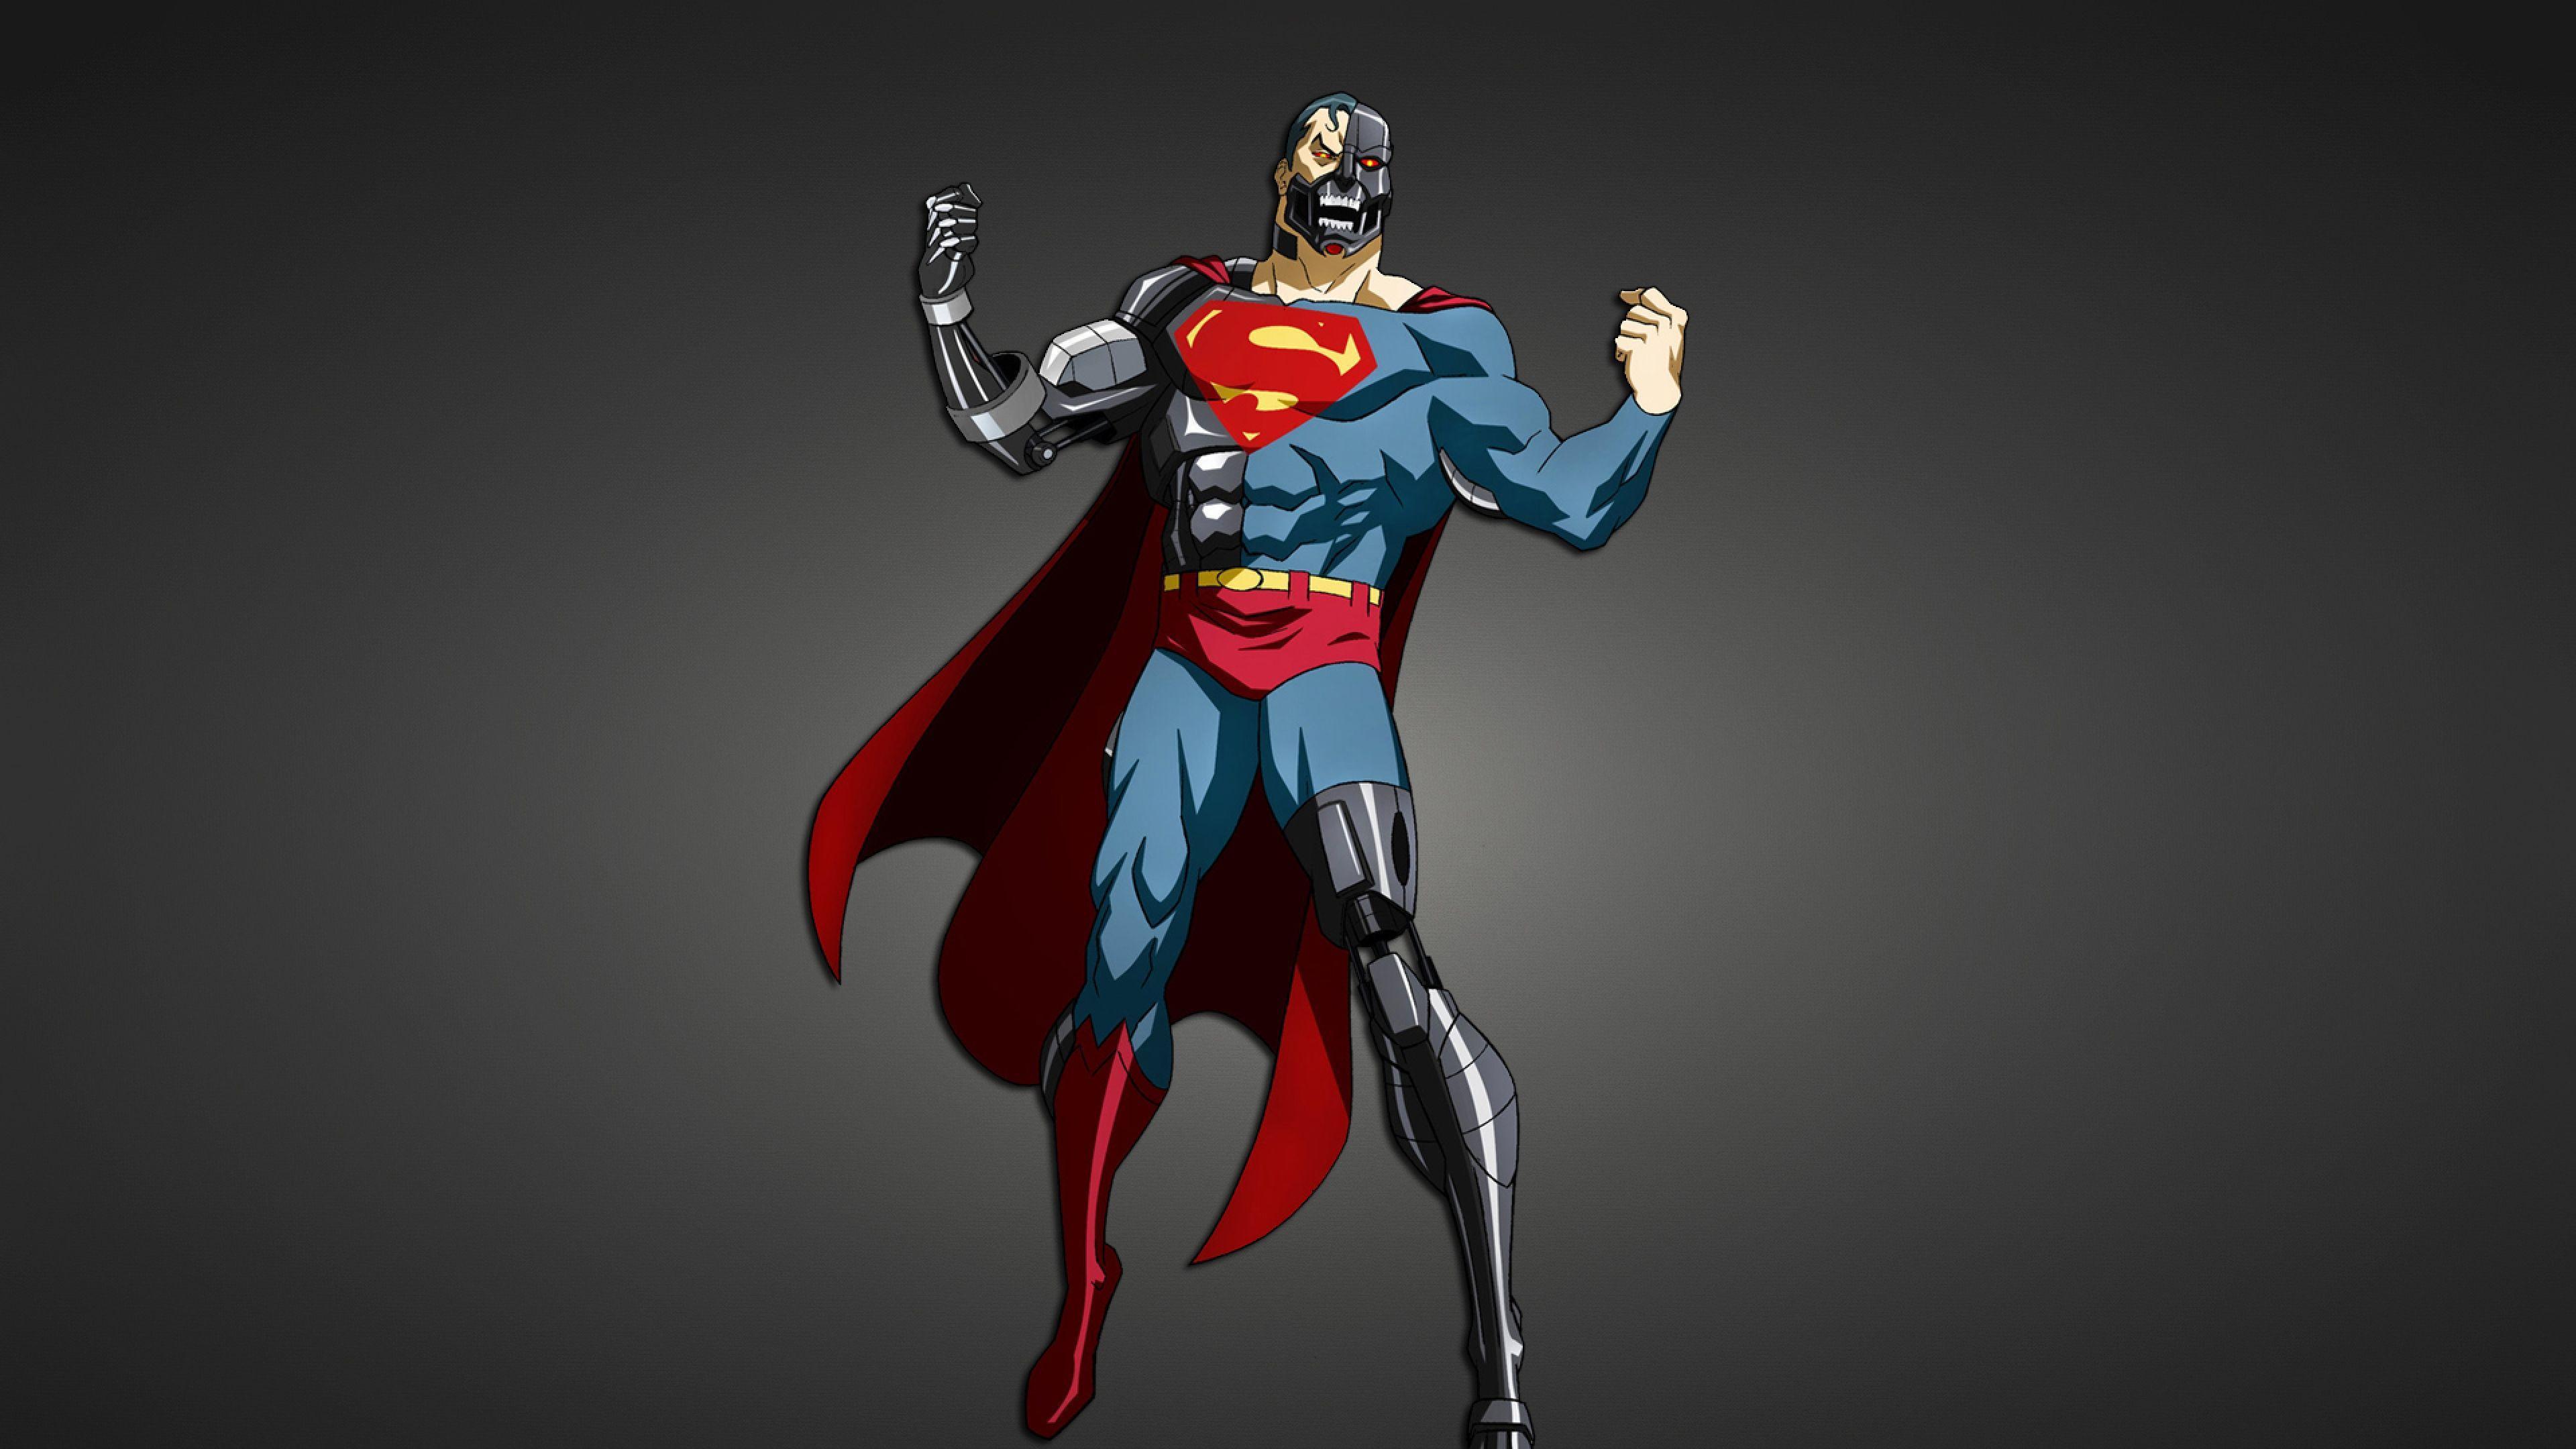 Superhero Logo Wallpapers - Wallpaper Cave